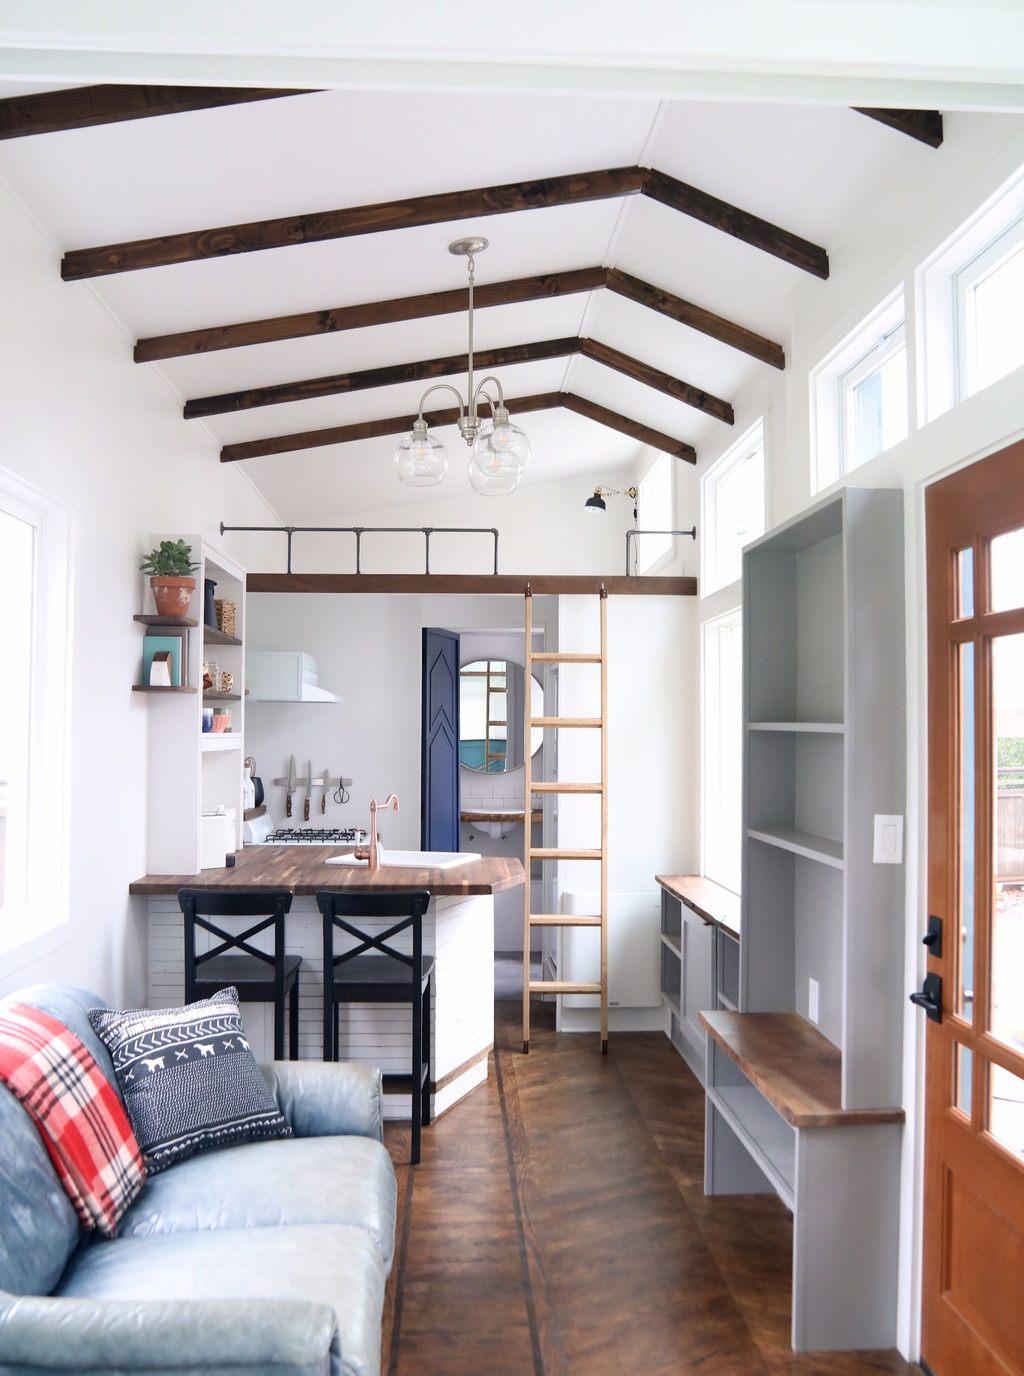 case piccole vivere in case minuscole e adorabili